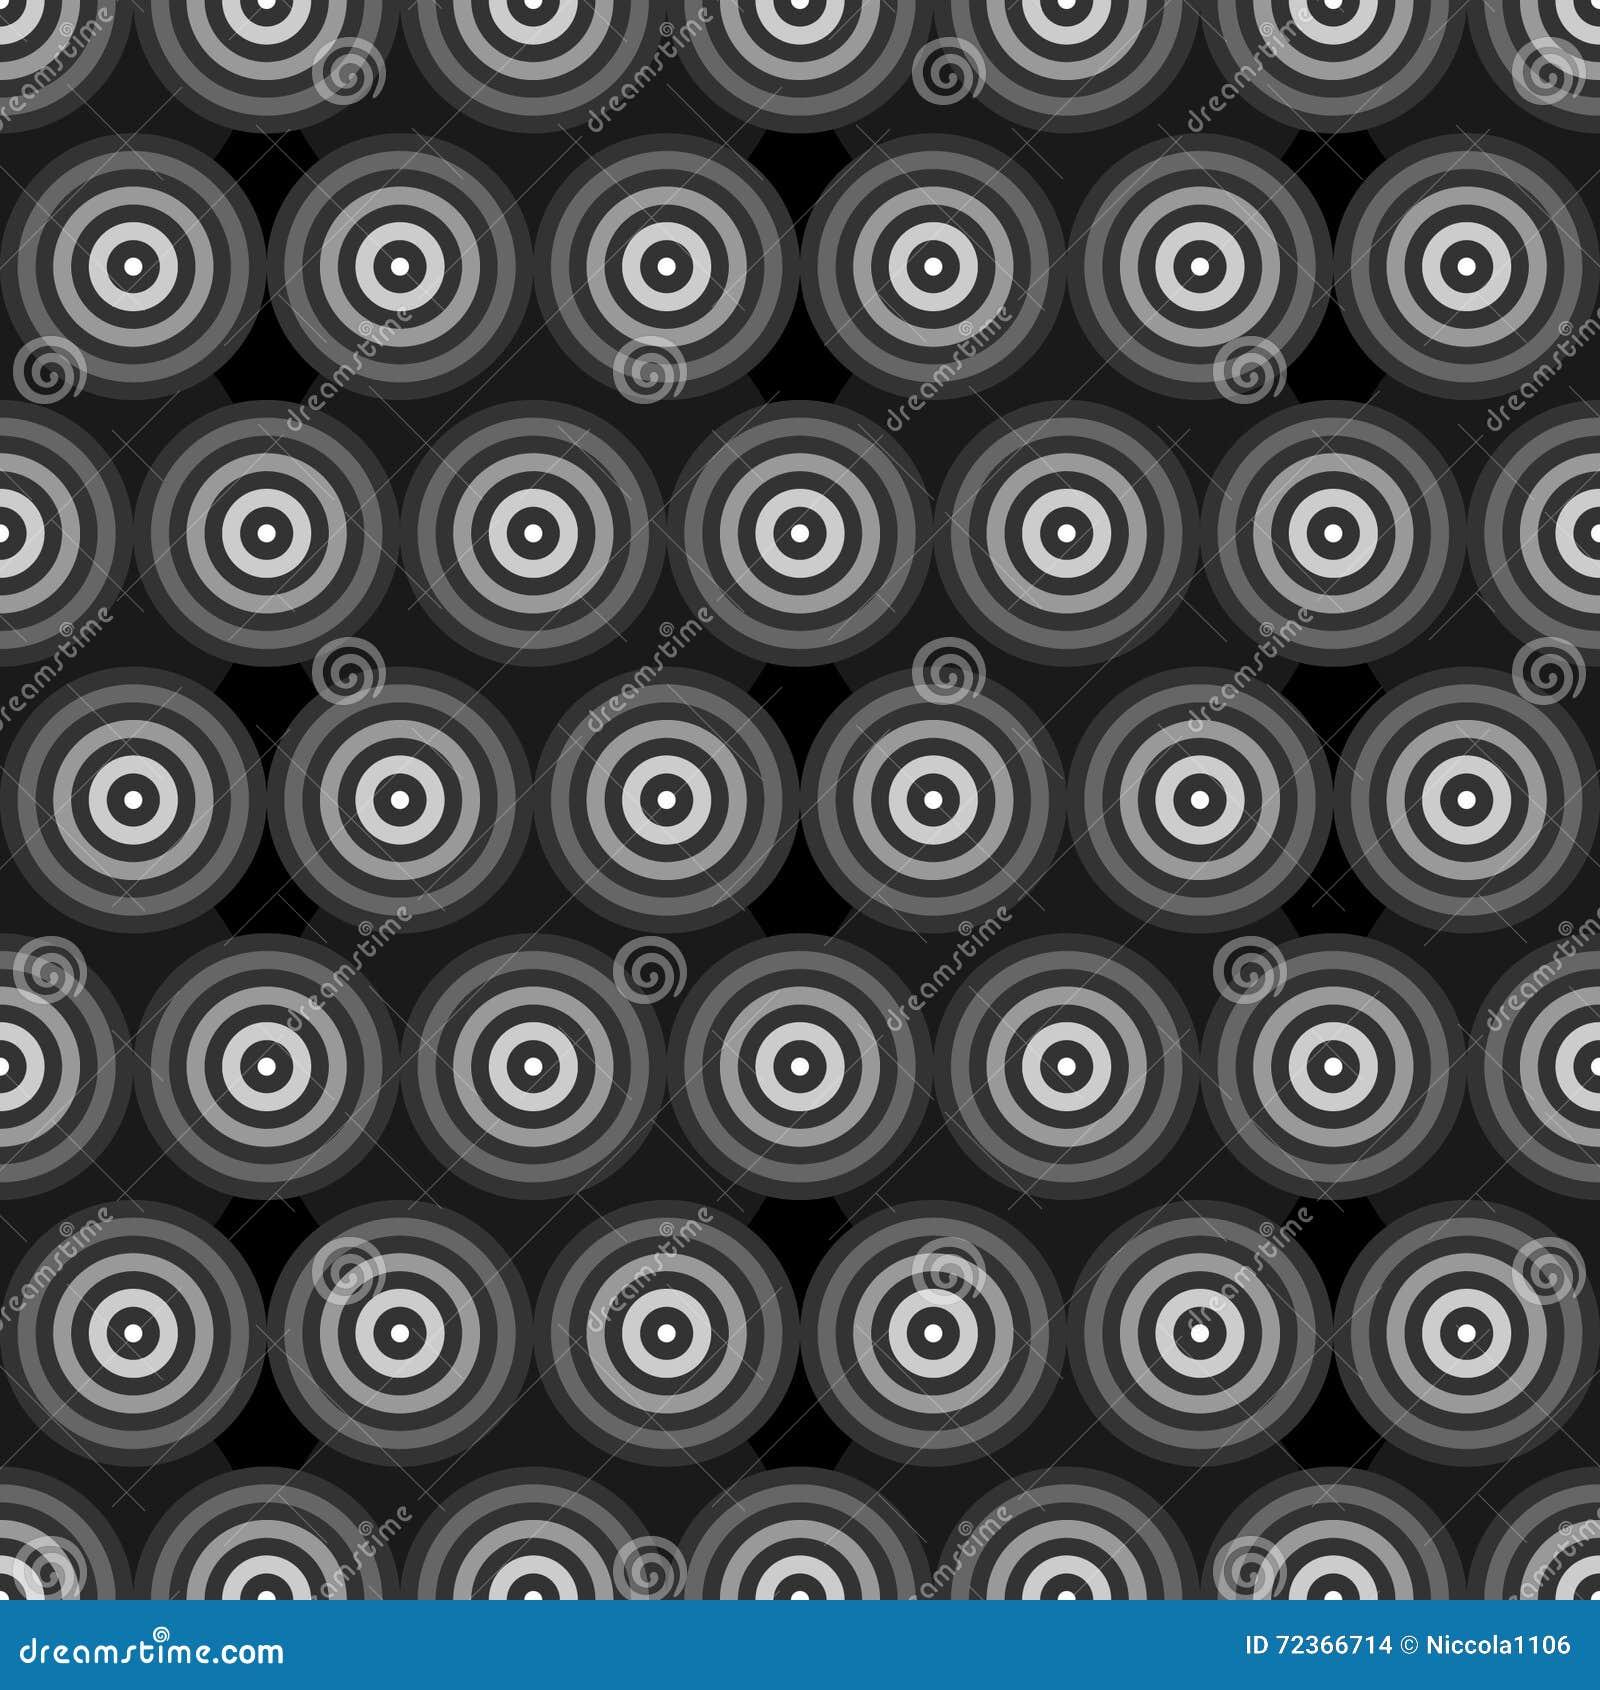 抽象灰度的圆环